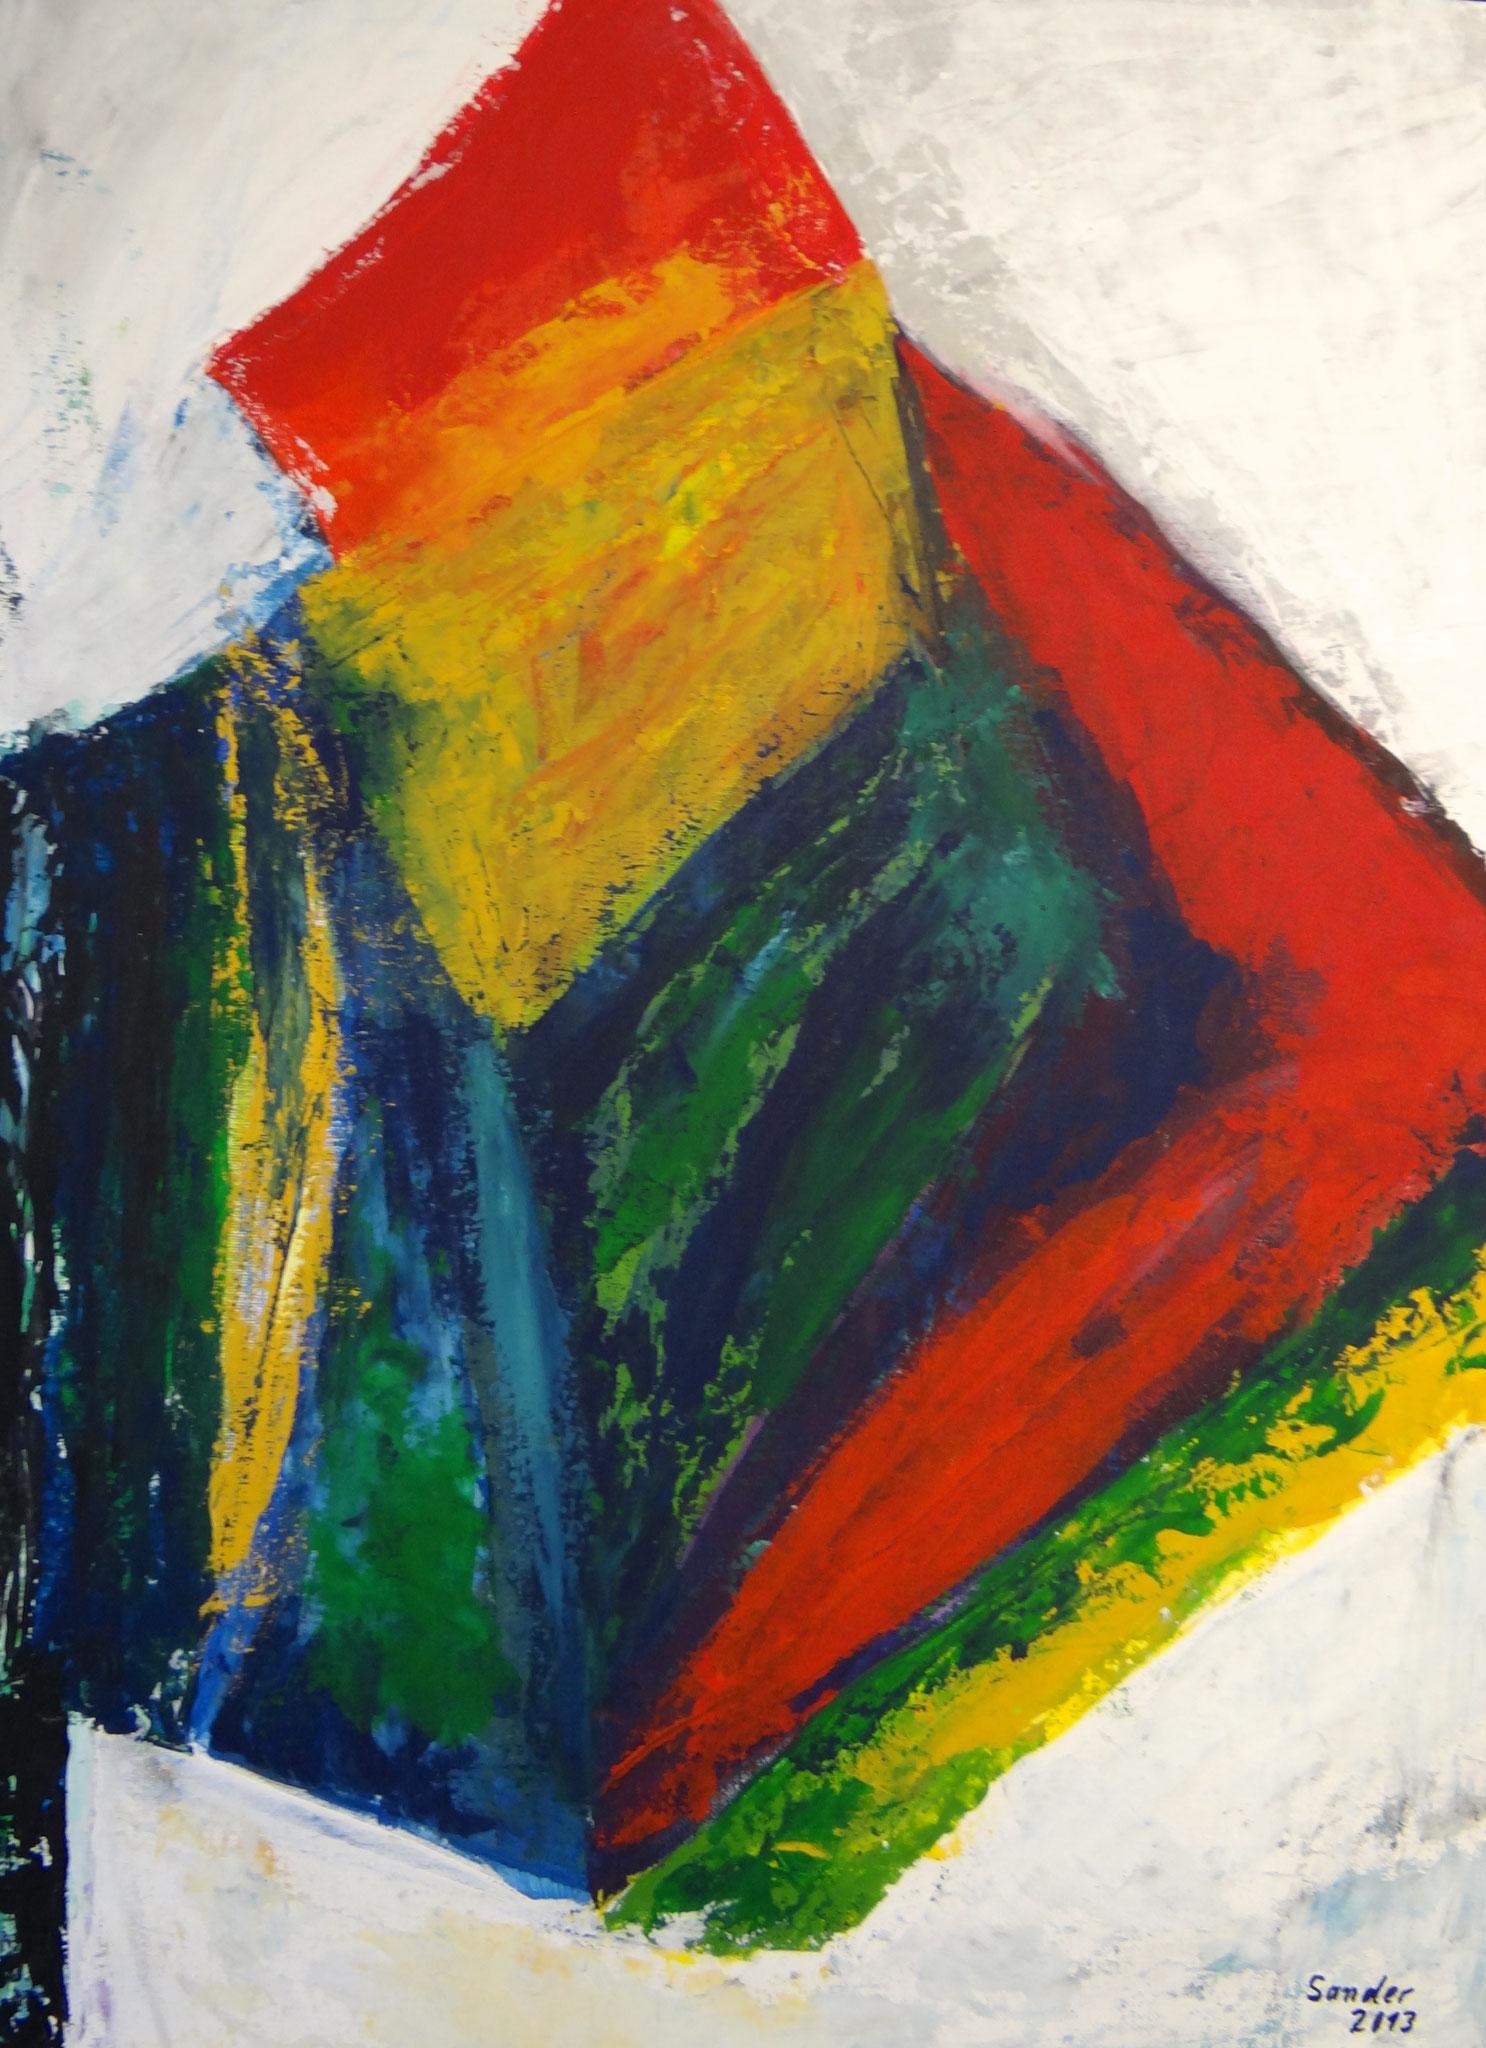 Farbenspiel 3, 70 x 50 cm, Acrylfarben auf Malkarton, signiert und datiert 2013